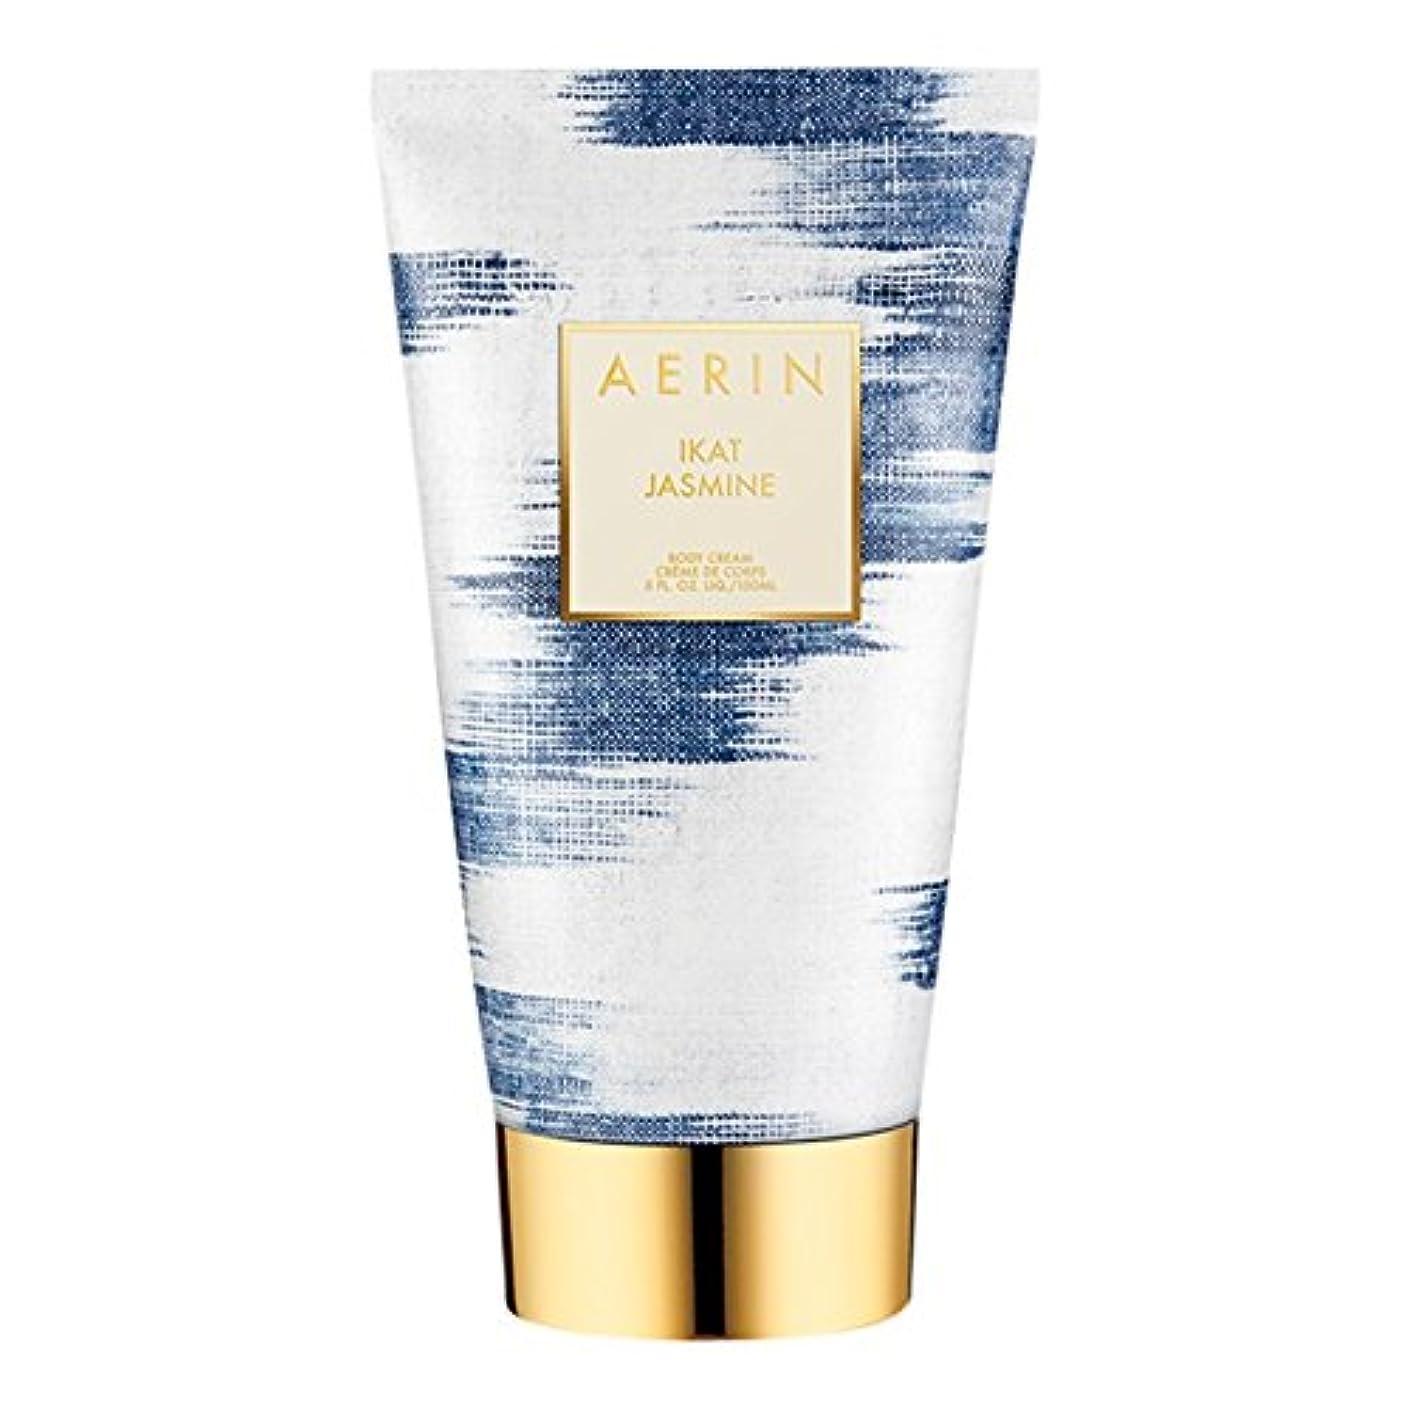 親密な富豪滞在Aerinイカットジャスミンボディクリーム150ミリリットル (AERIN) (x2) - AERIN Ikat Jasmine Body Cream 150ml (Pack of 2) [並行輸入品]